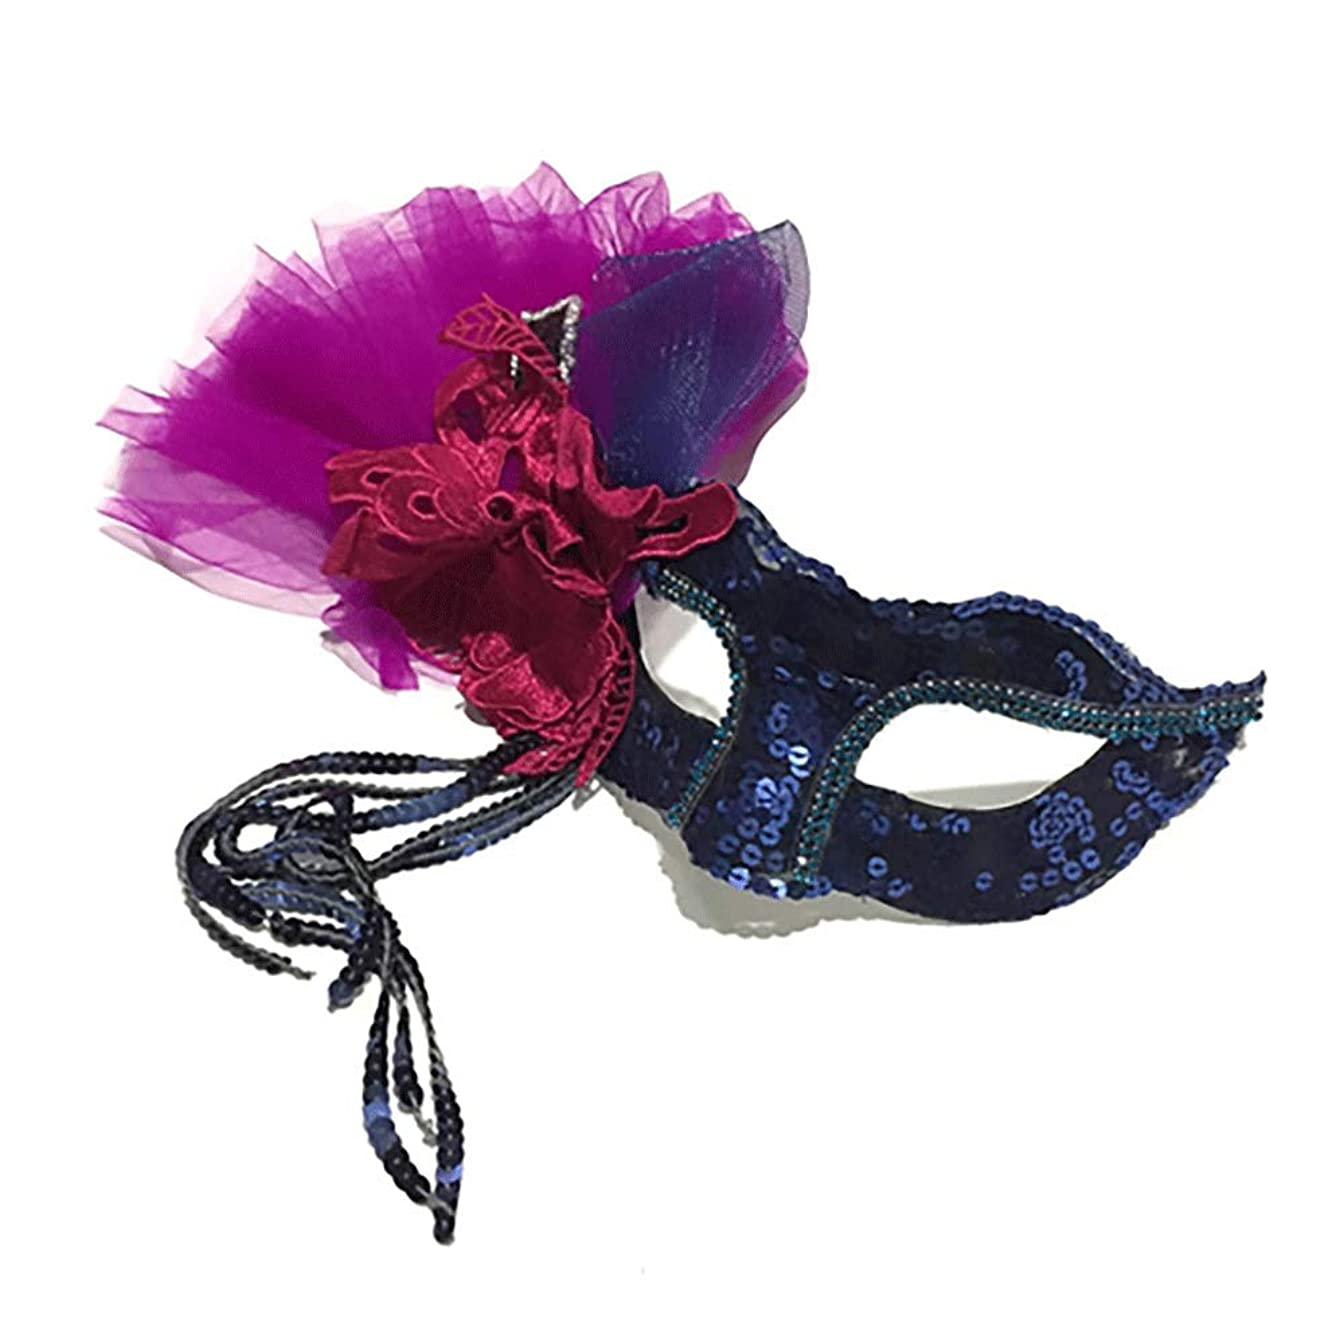 禁止機関カスタムNanle 美容プリンセスファッションマスクゴールデンレースステージハロウィンボールフリンジフェザーマスクパーティーマスク (色 : Style A)